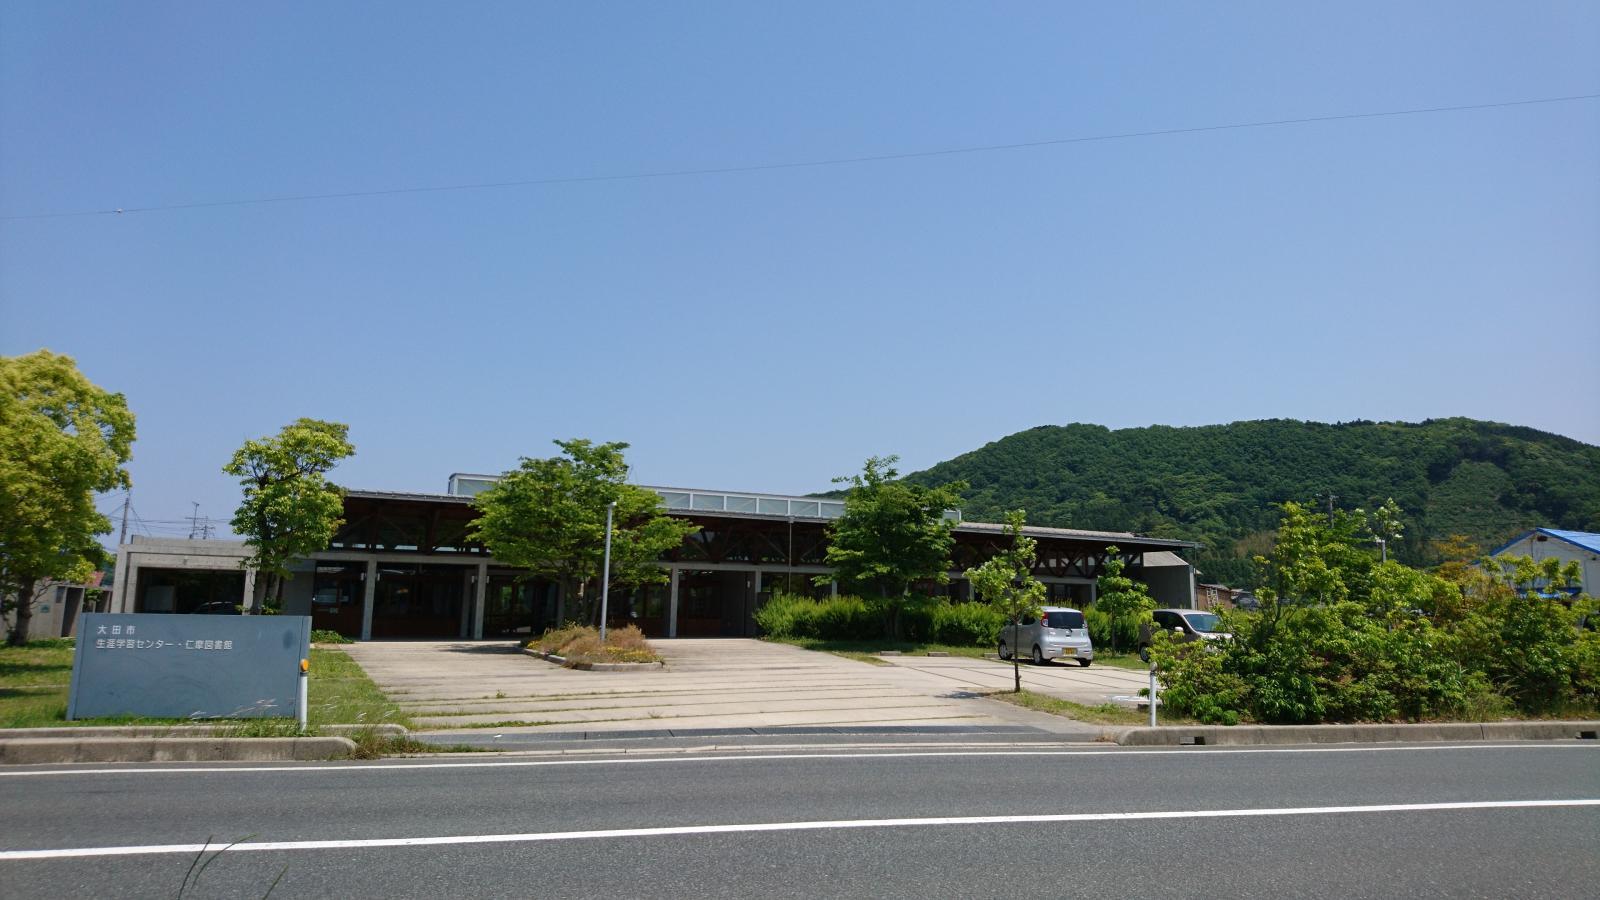 大田市立仁摩図書館